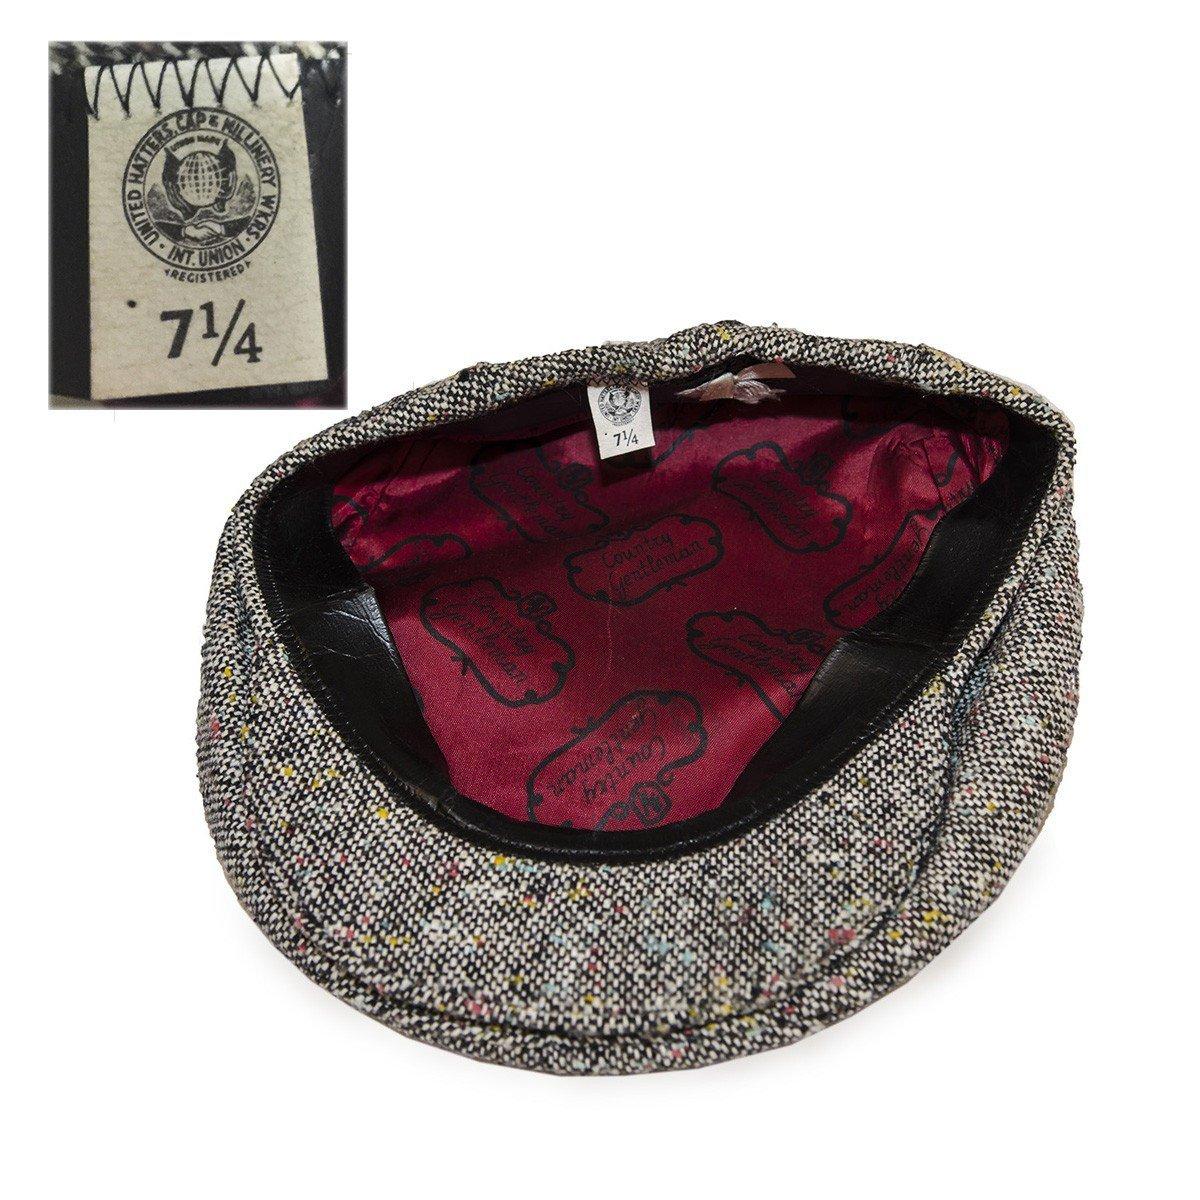 Black Tweed Vintage Cap by Country Gentlemen, Hat Size 7.25